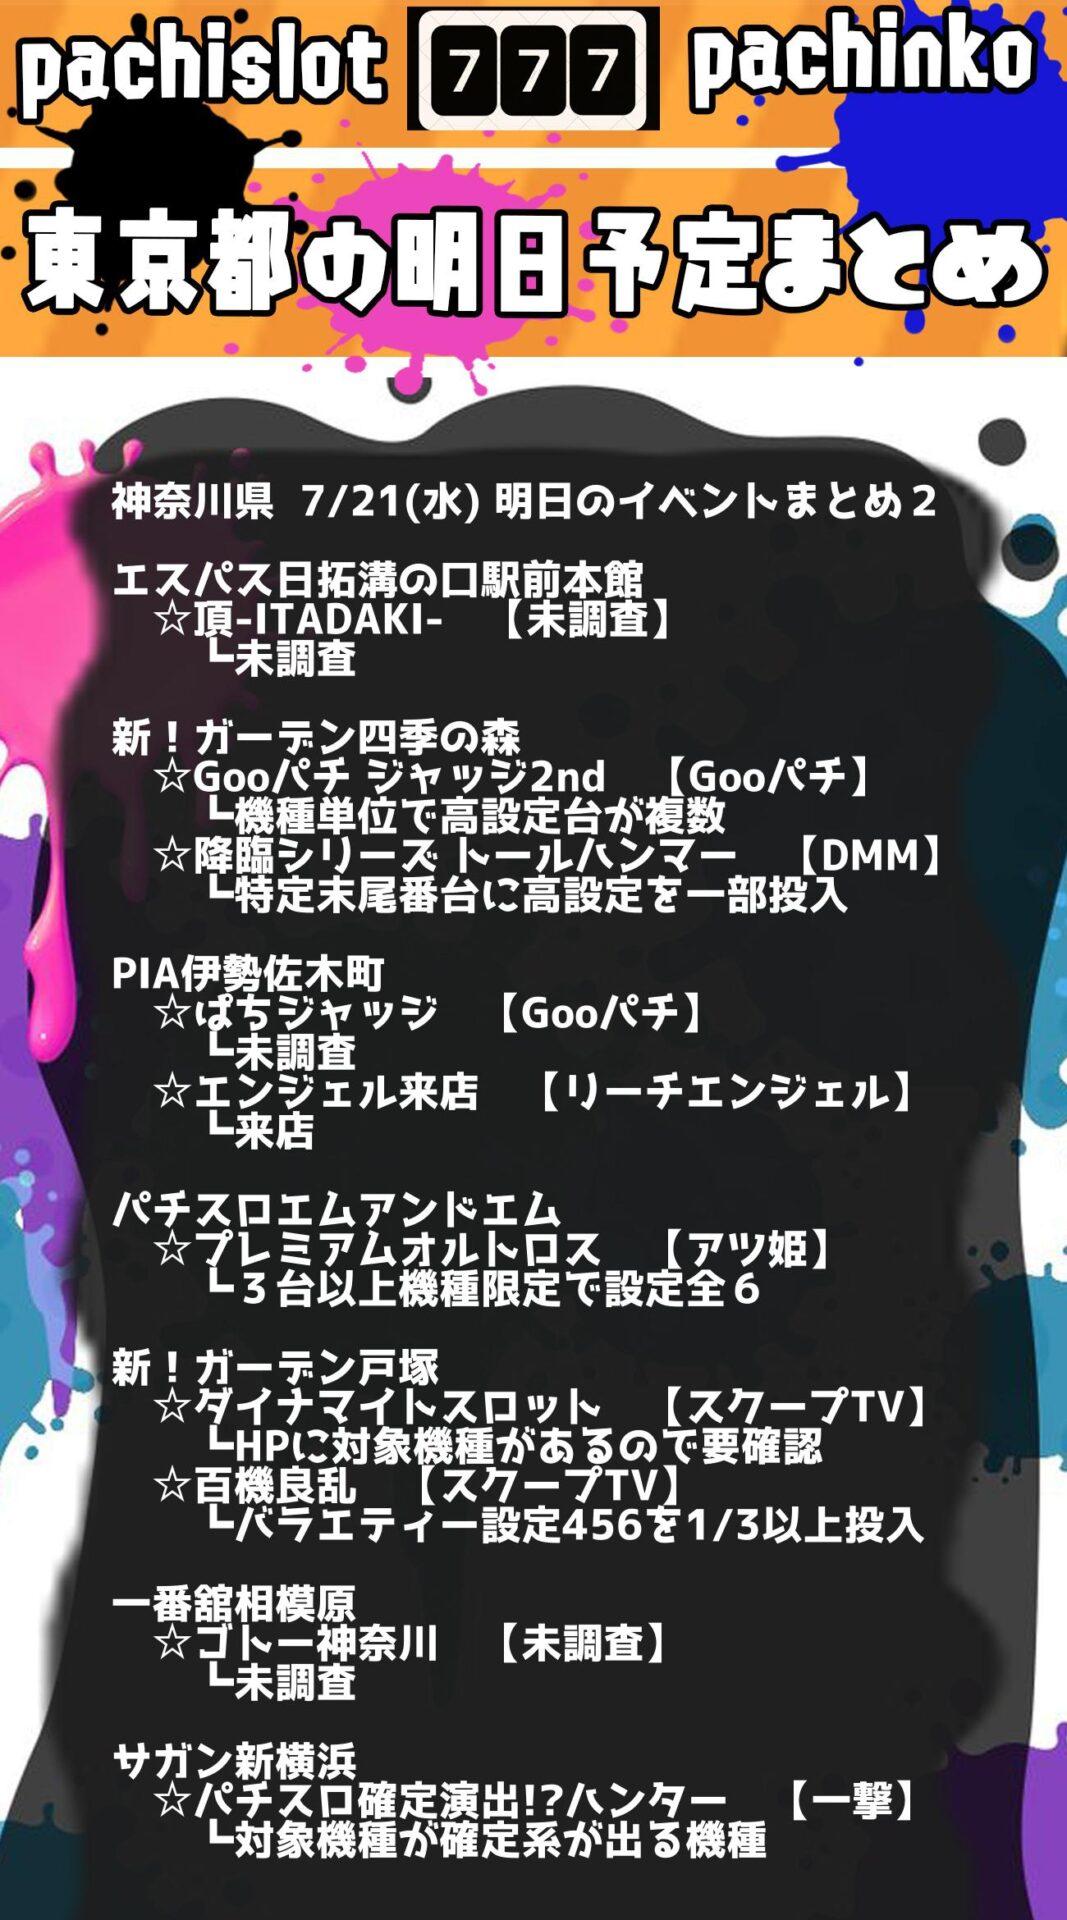 神奈川県_2021-07-21_パチンコ・パチスロ_イベント